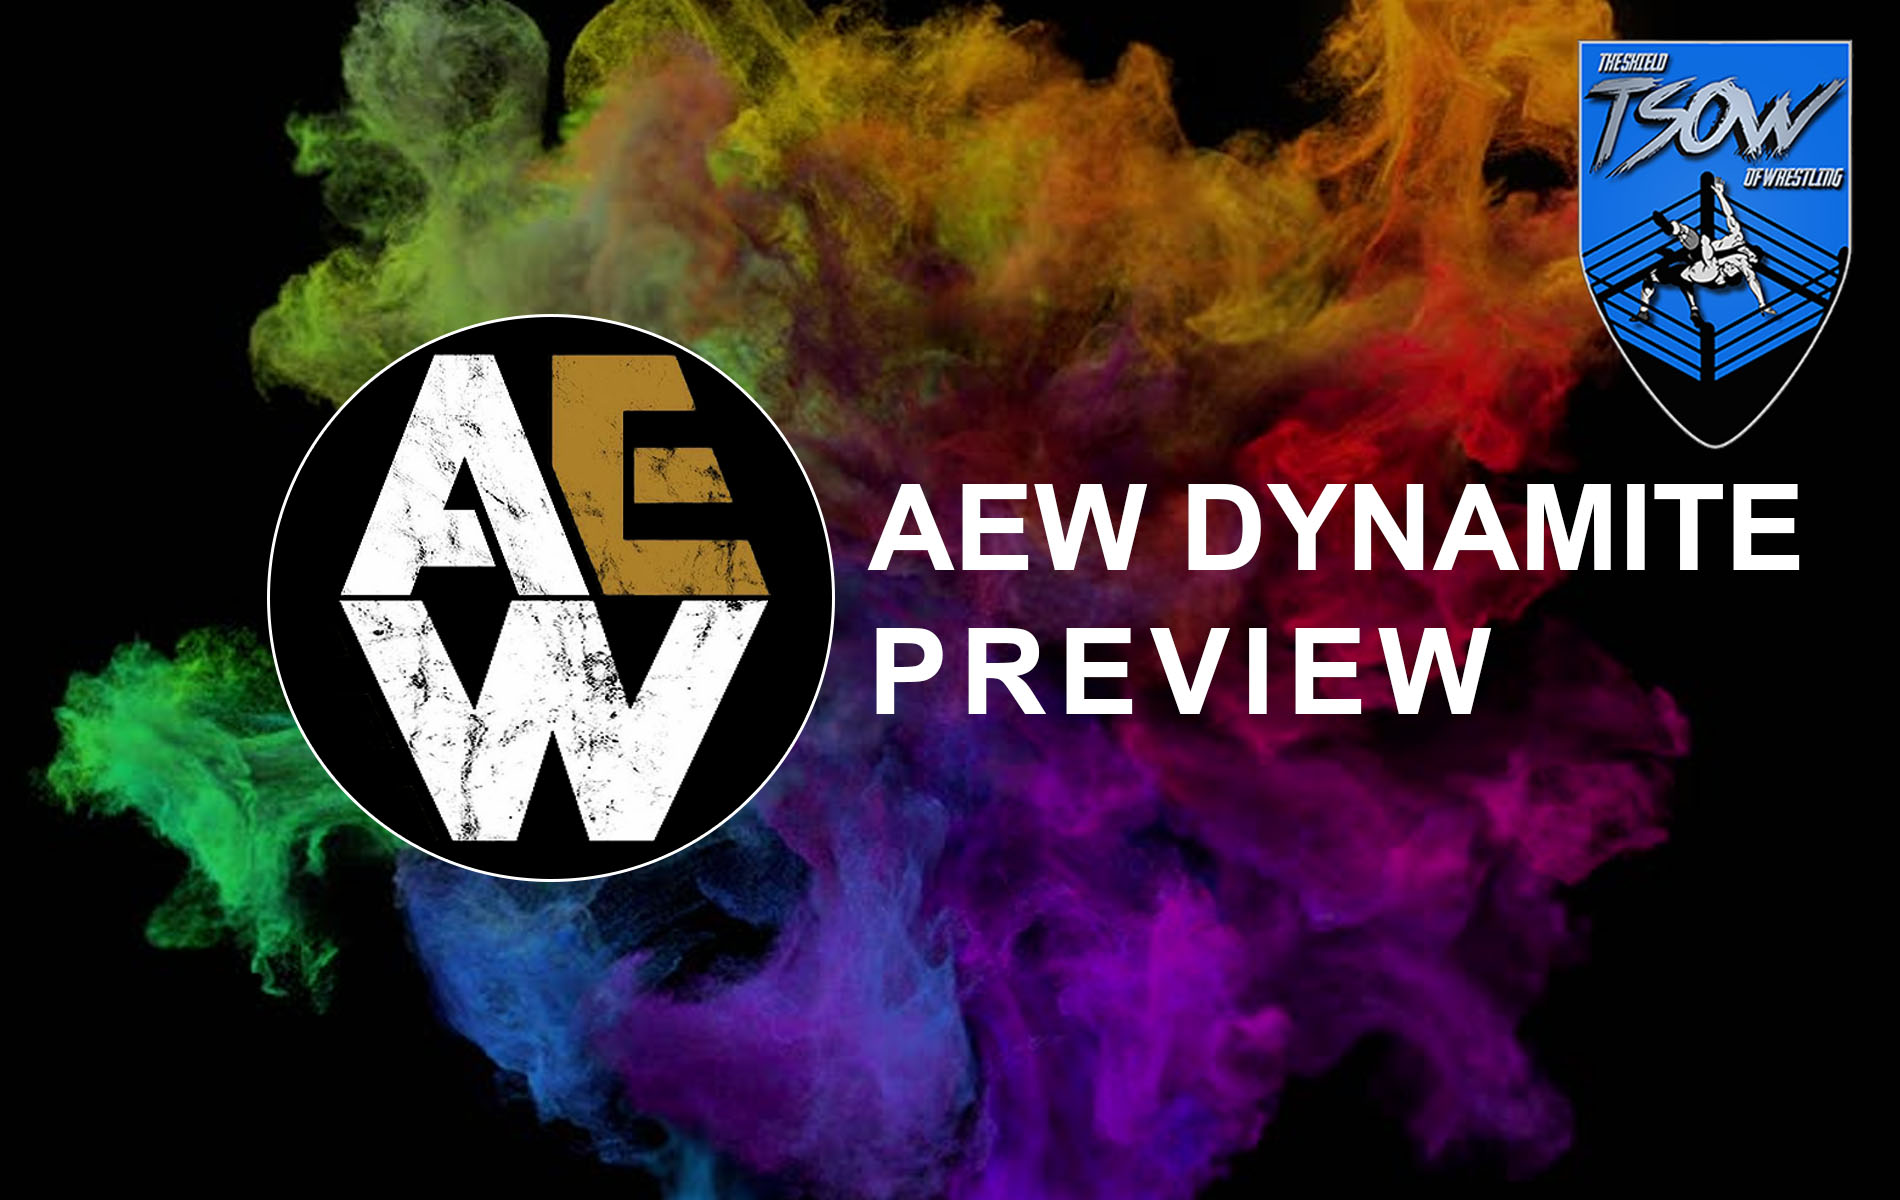 Anteprima AEW Dynamite 28-04-2021